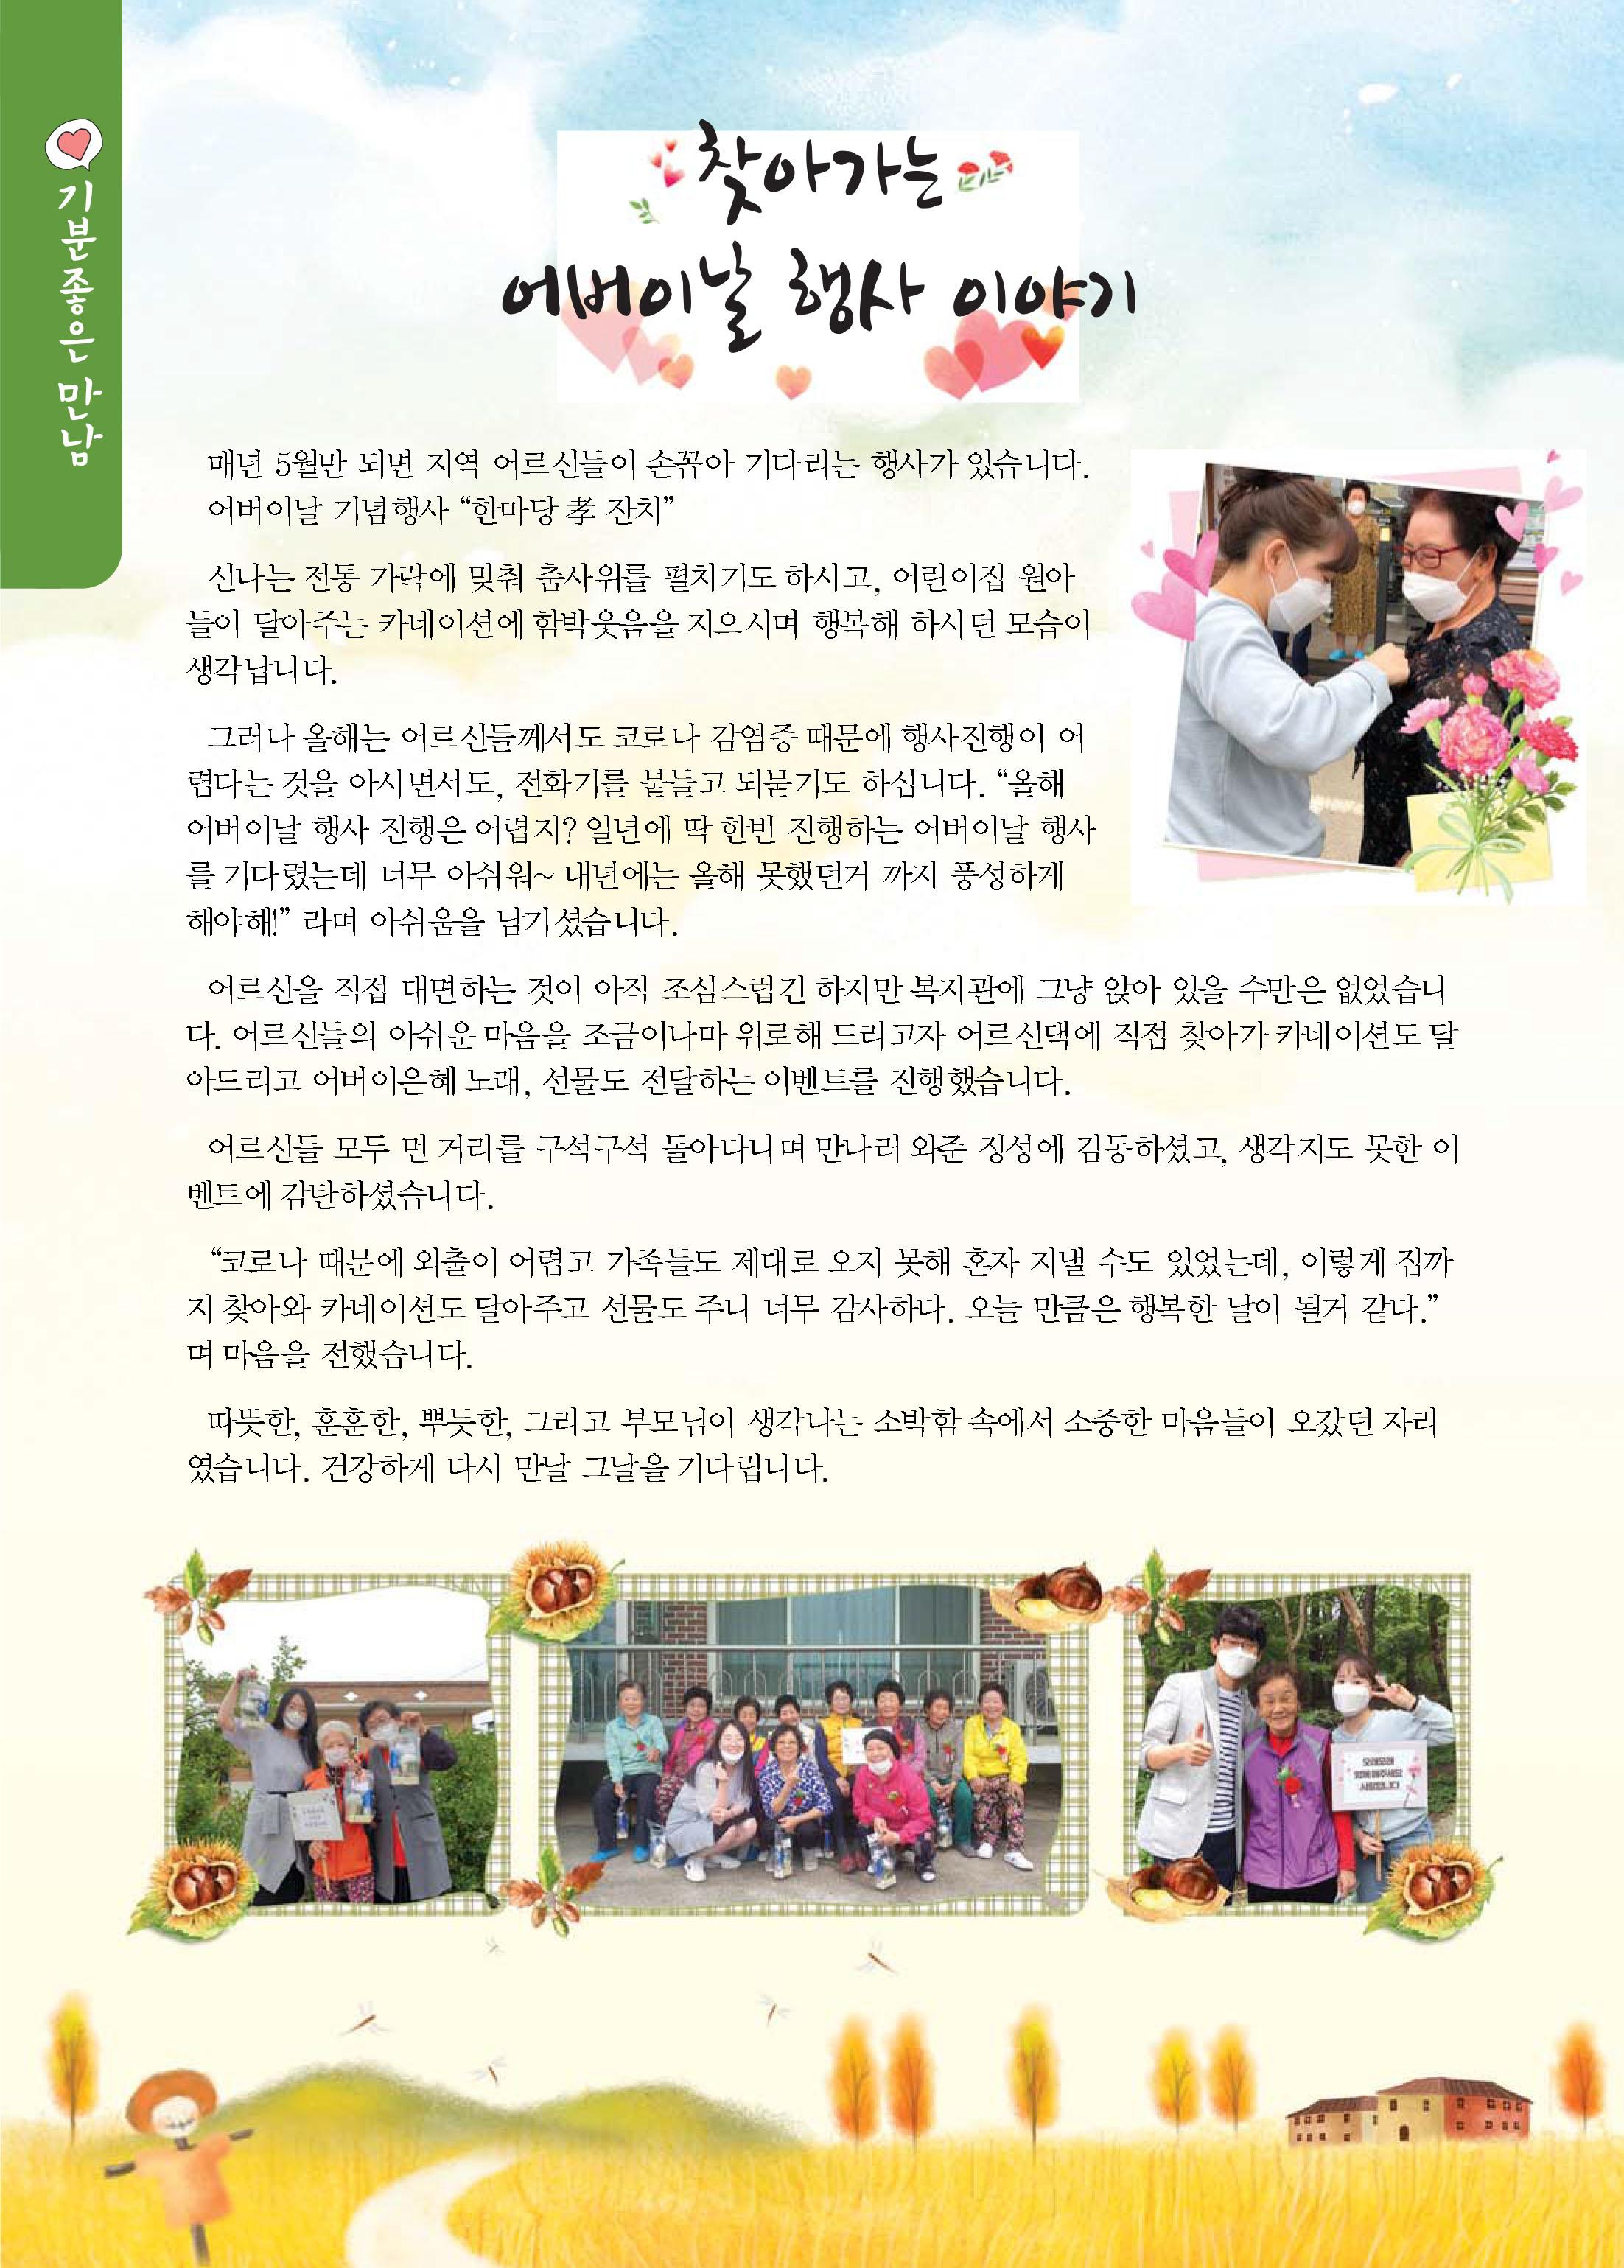 옹달샘-38호최종-2.jpg